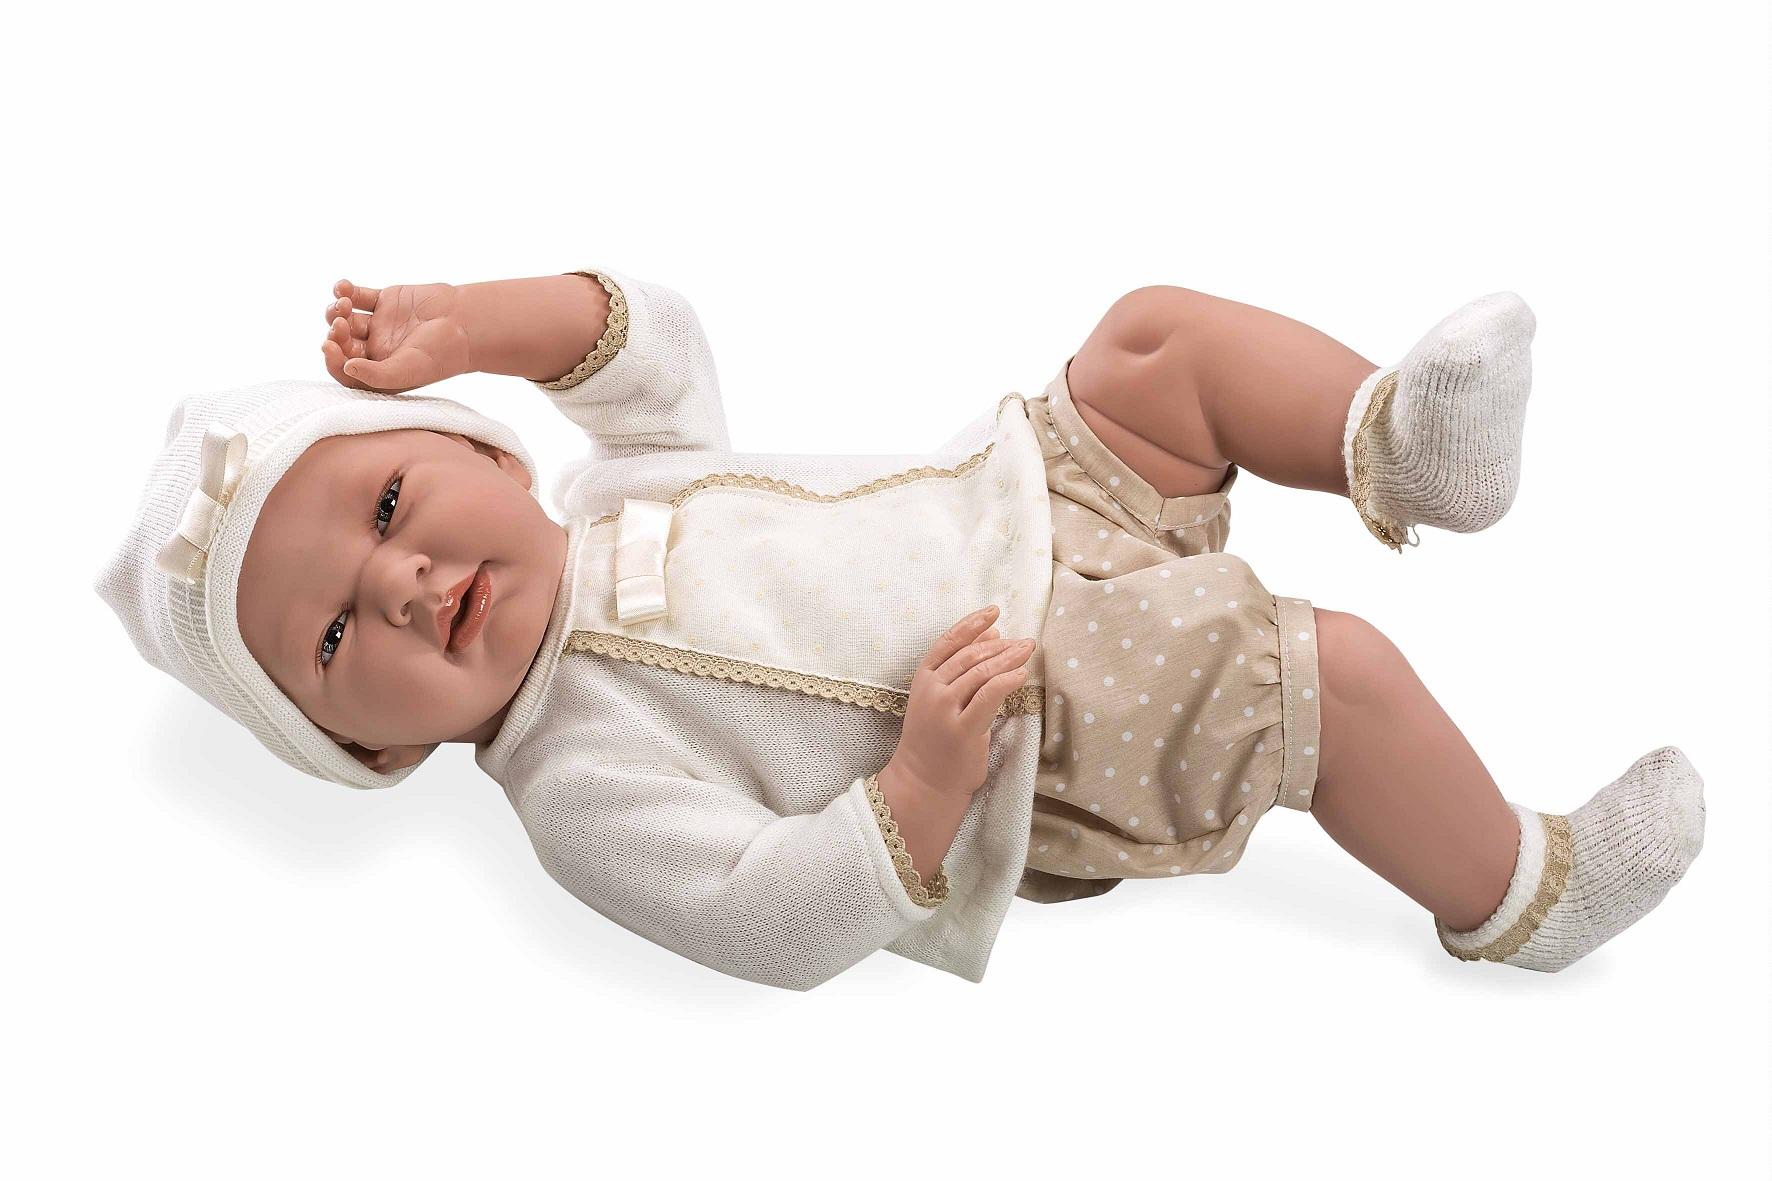 Купить Пупс виниловый в бежевой одежде - Elegance 52 см, Arias